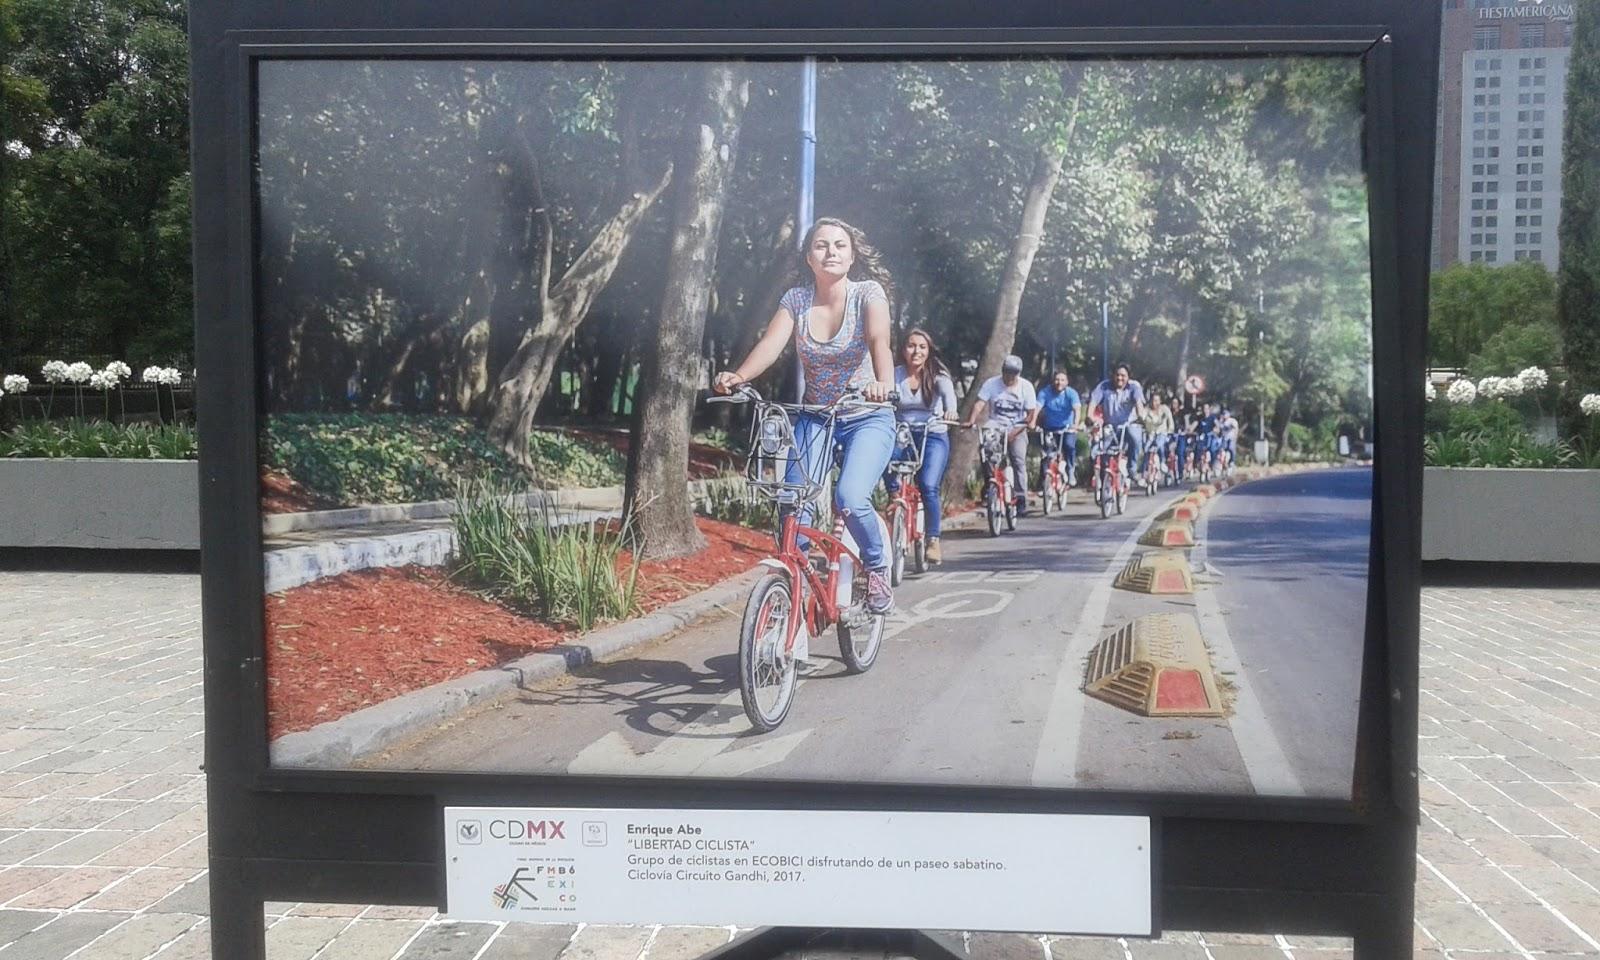 Circuito Gandhi : Reflejos ciclistas. exposición fotográfica